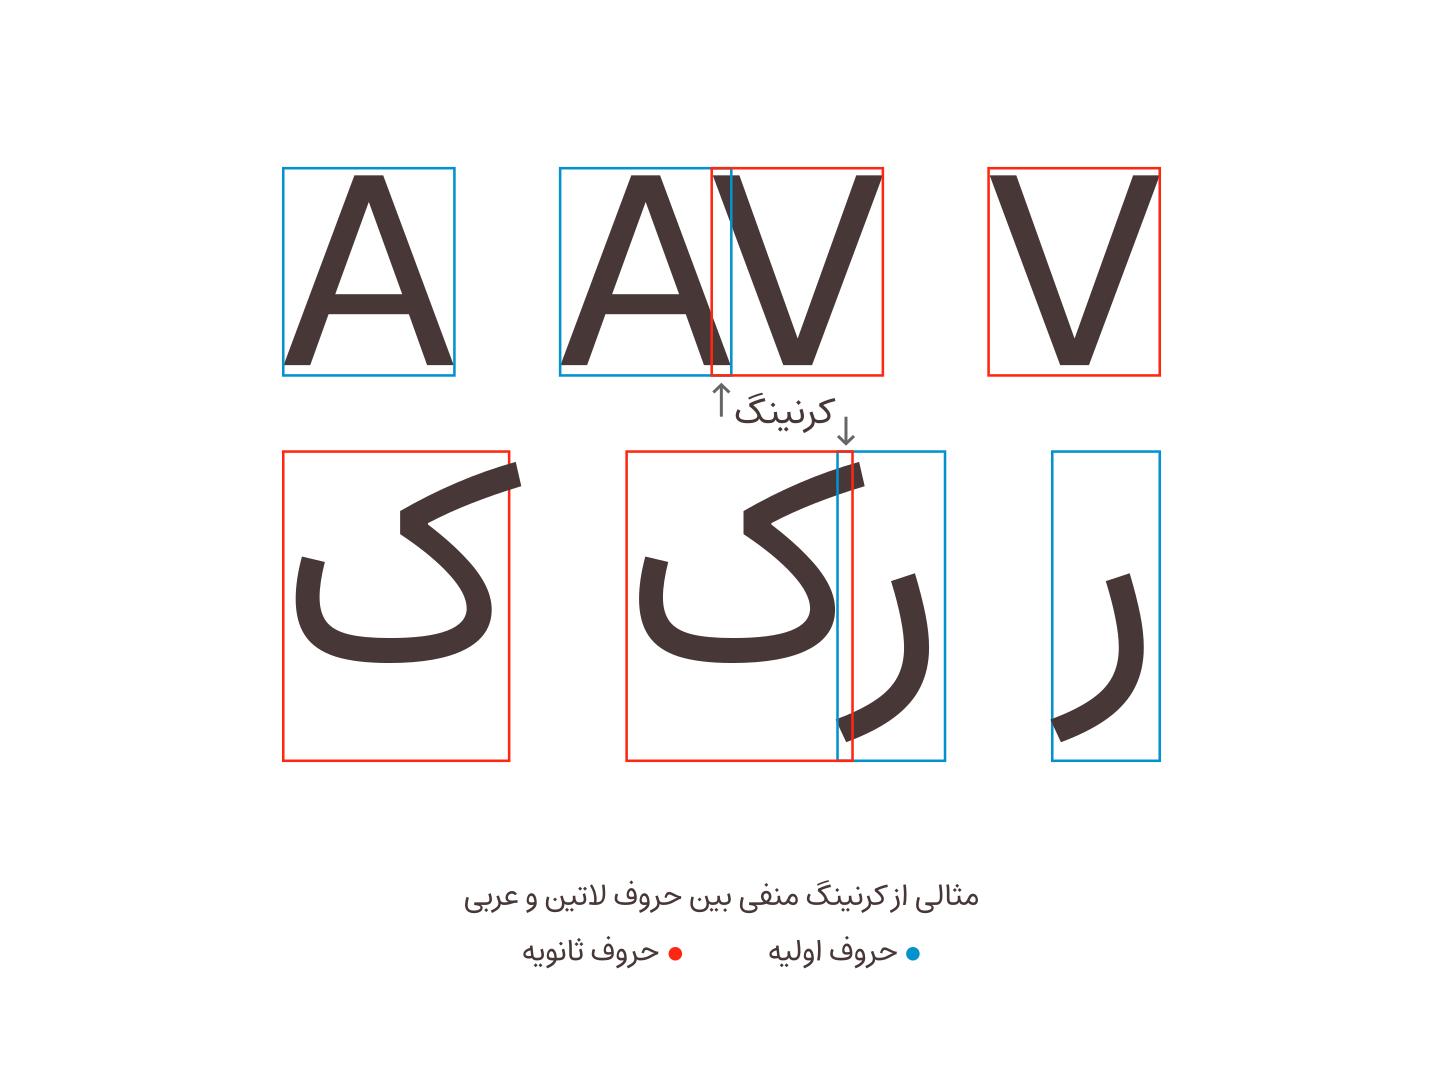 مثالی از دو جفت کرنینگ لاتین و عربی